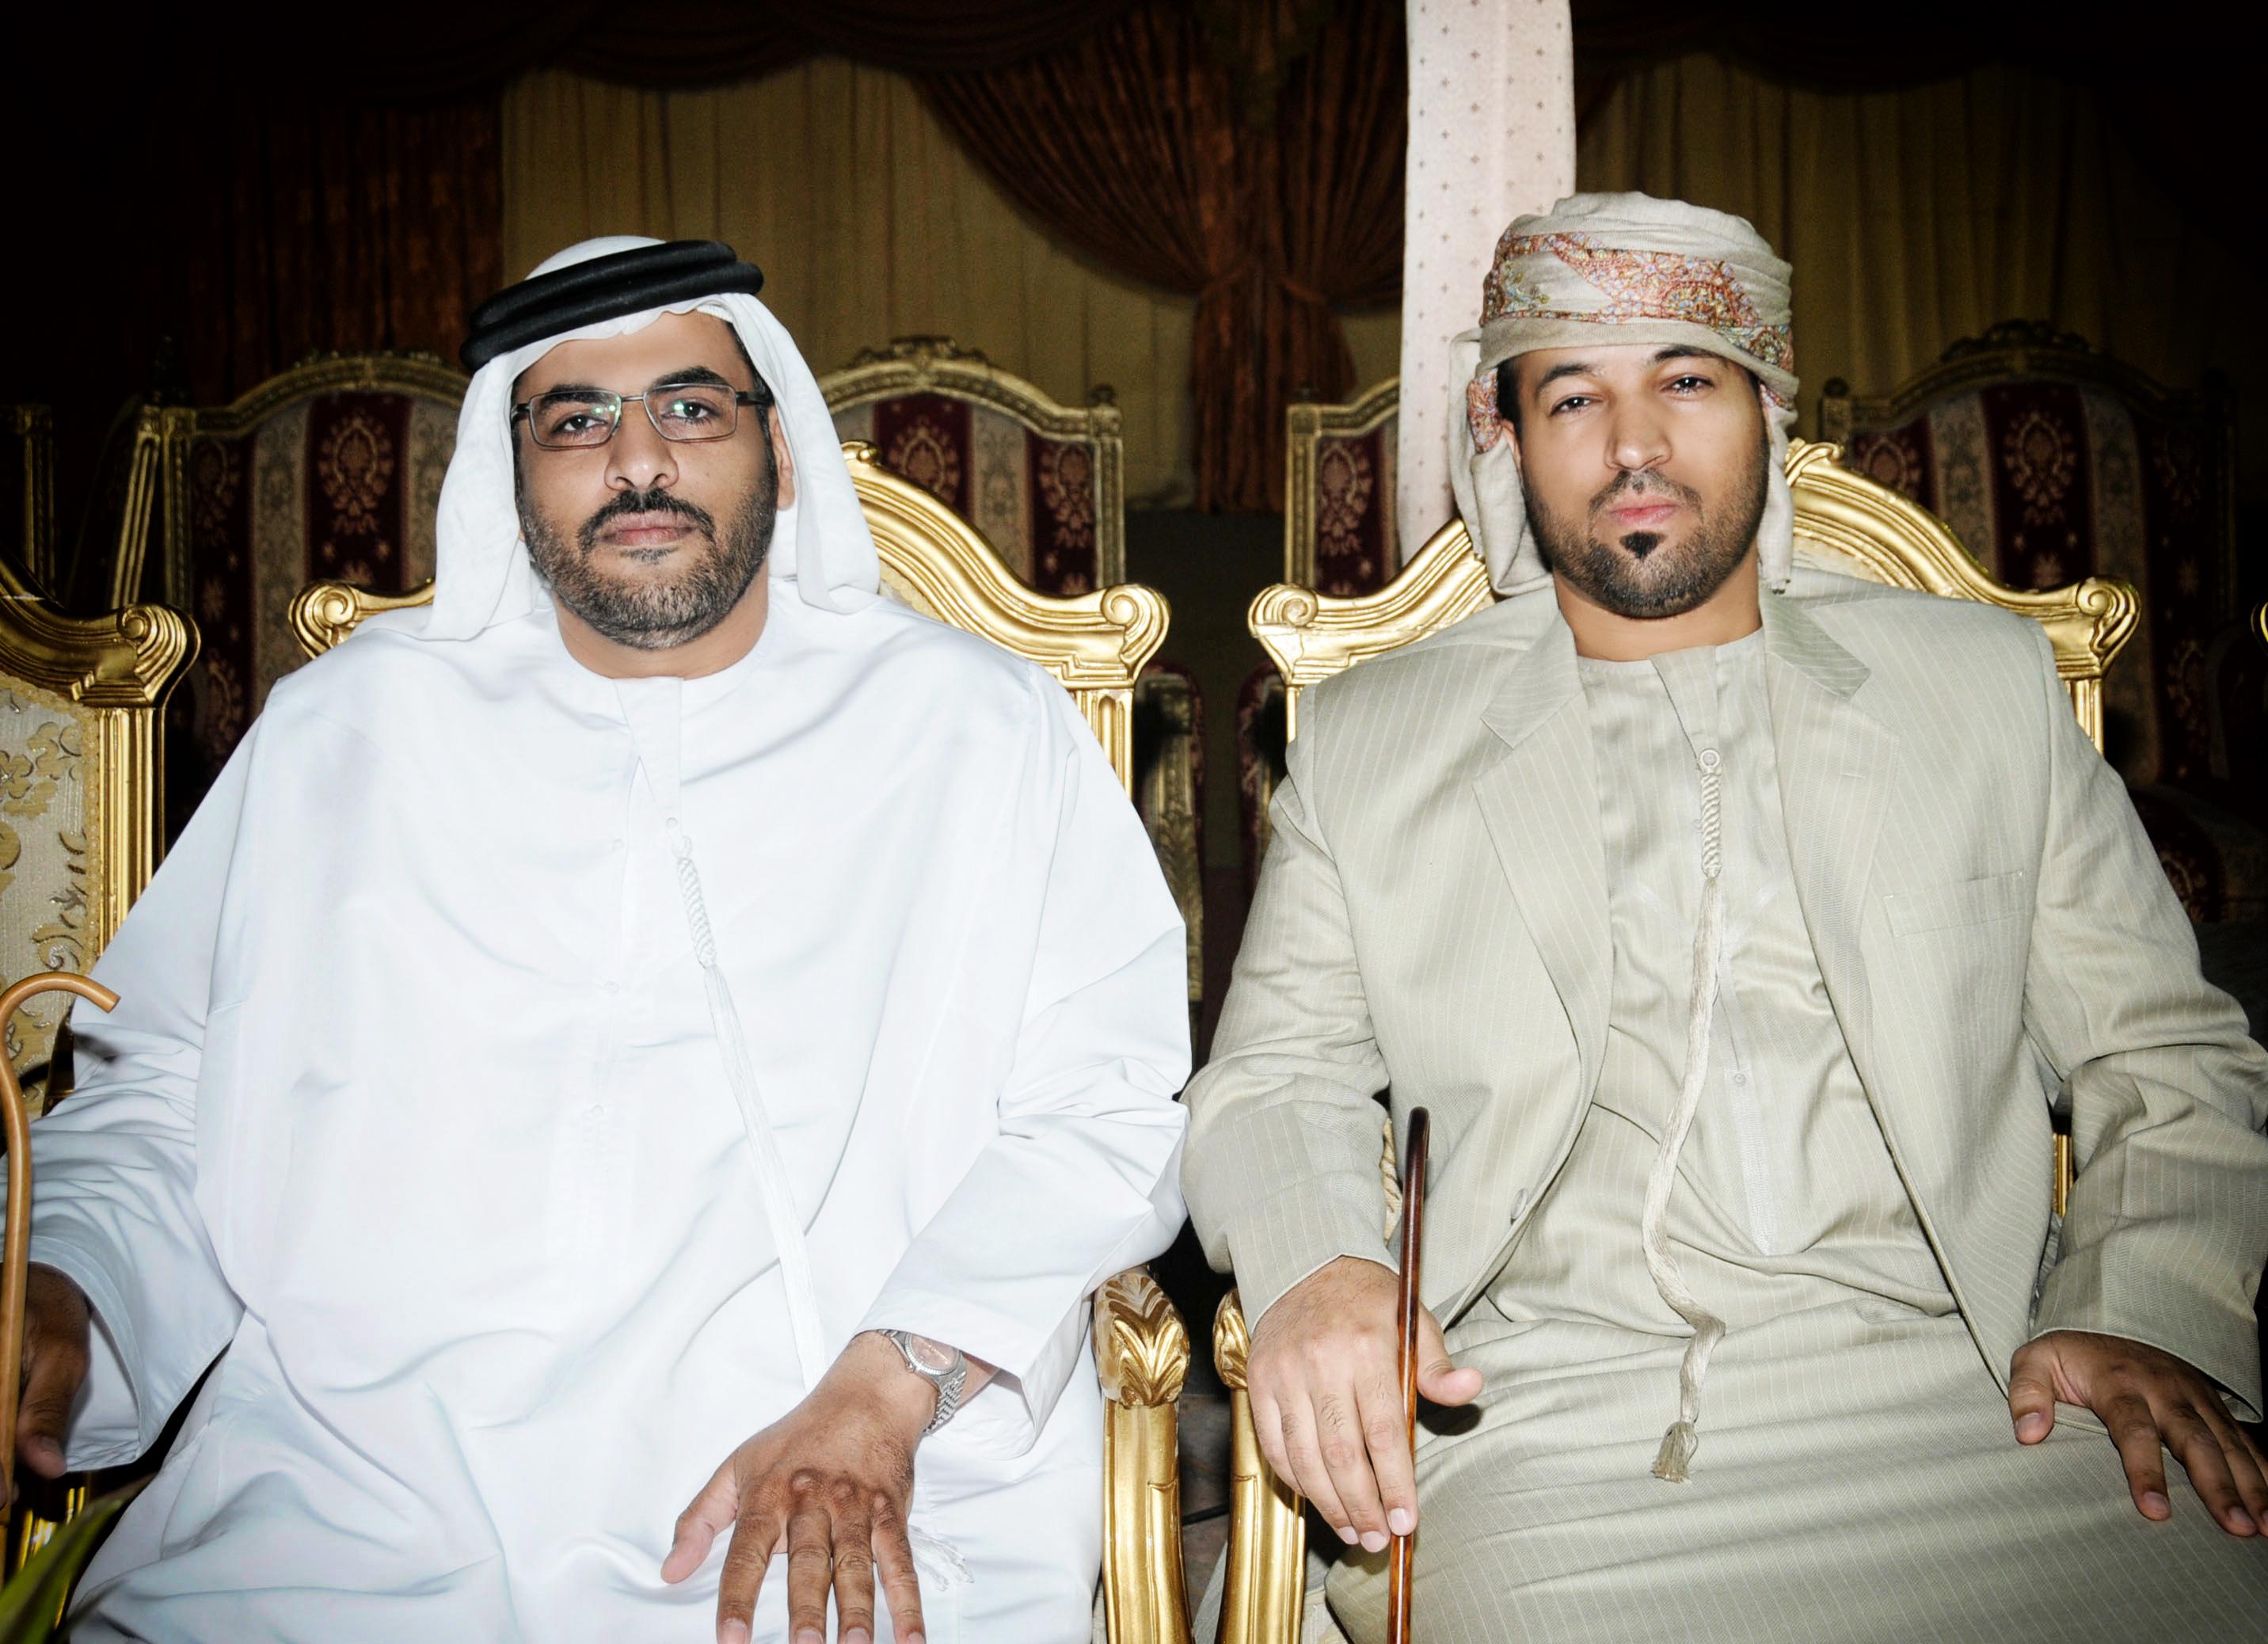 الشاعر سيف محمد والشاعر صالح الذيب